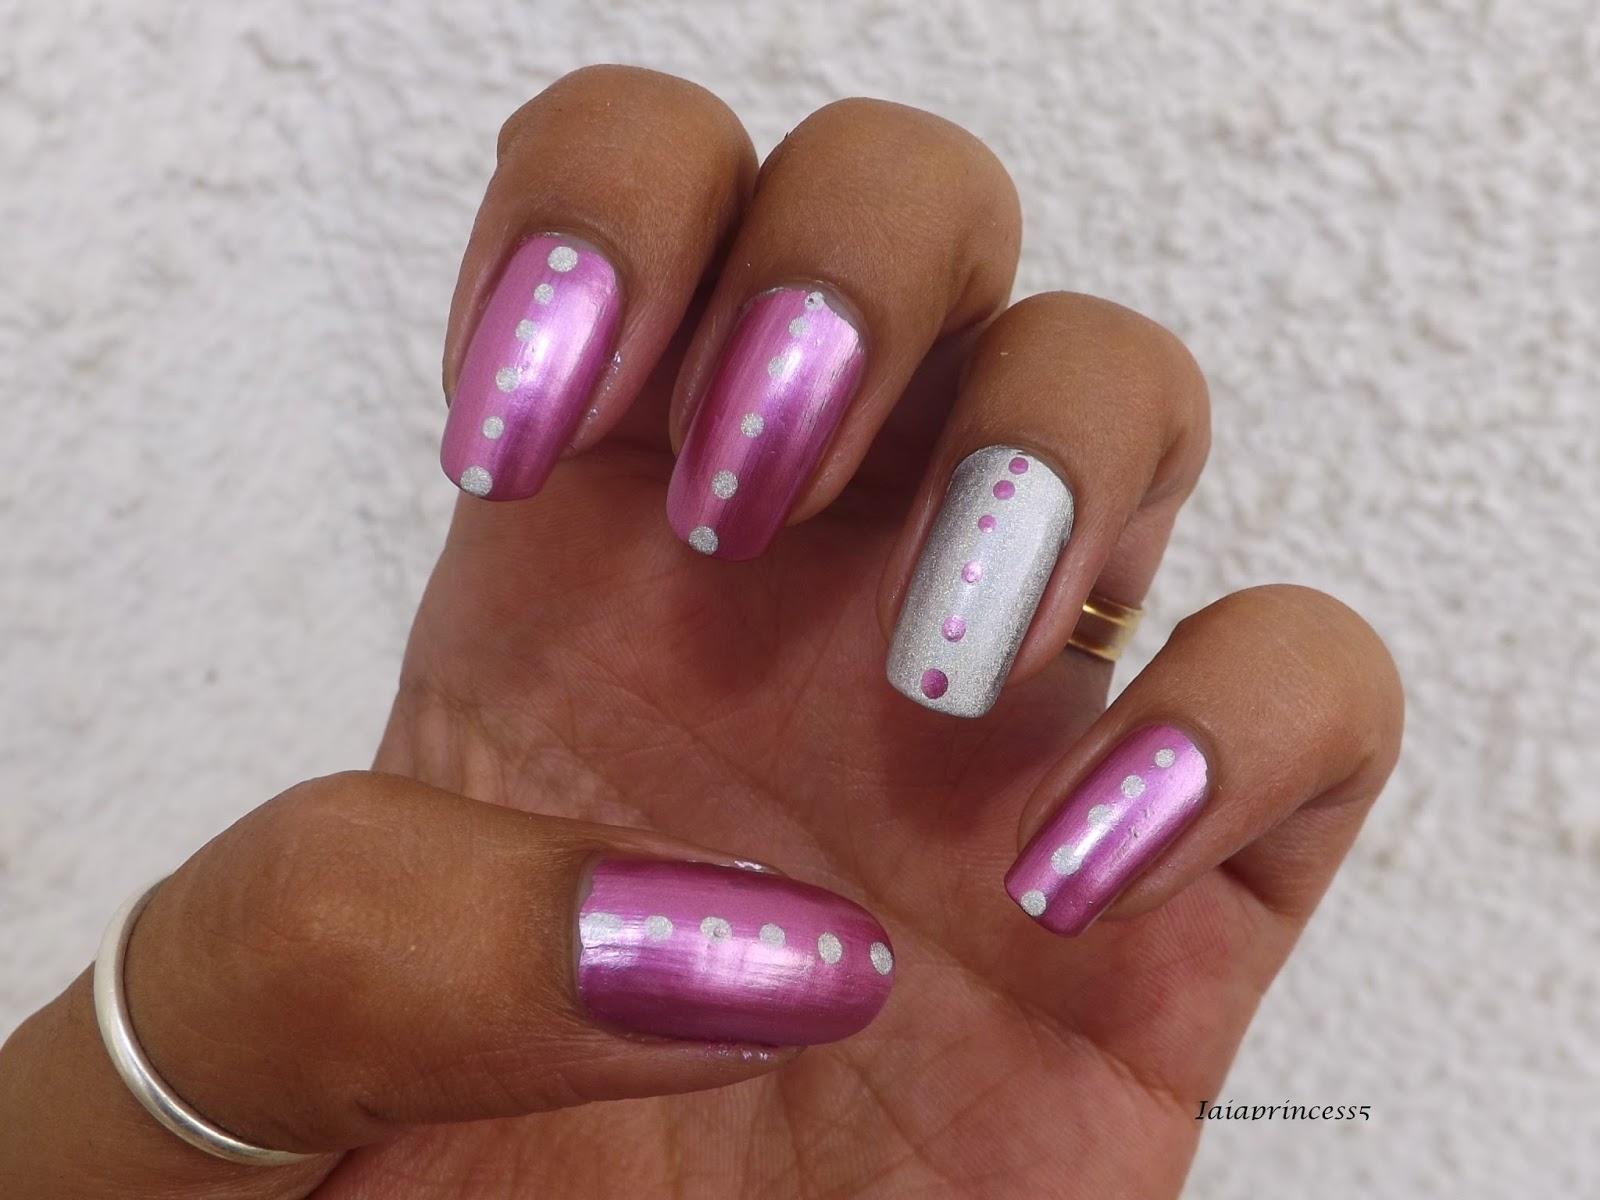 Iaiaprincess5 nail art cosmesi moda nail art semplice e veloce - Smalto effetto specchio ...